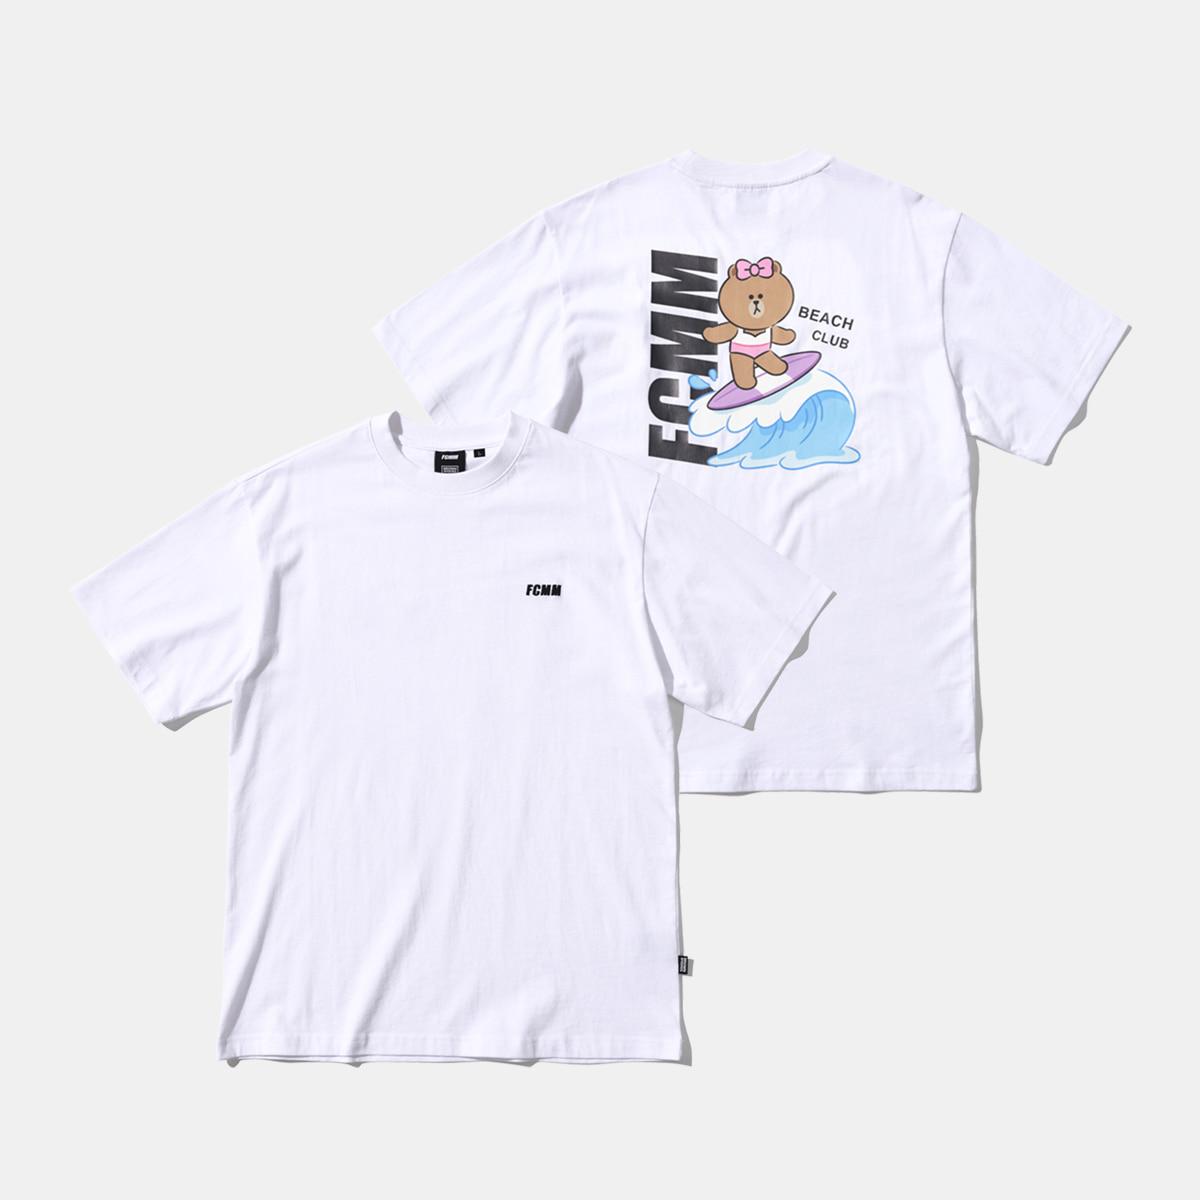 브라운앤프렌즈 서핑초코 티셔츠 - 화이트